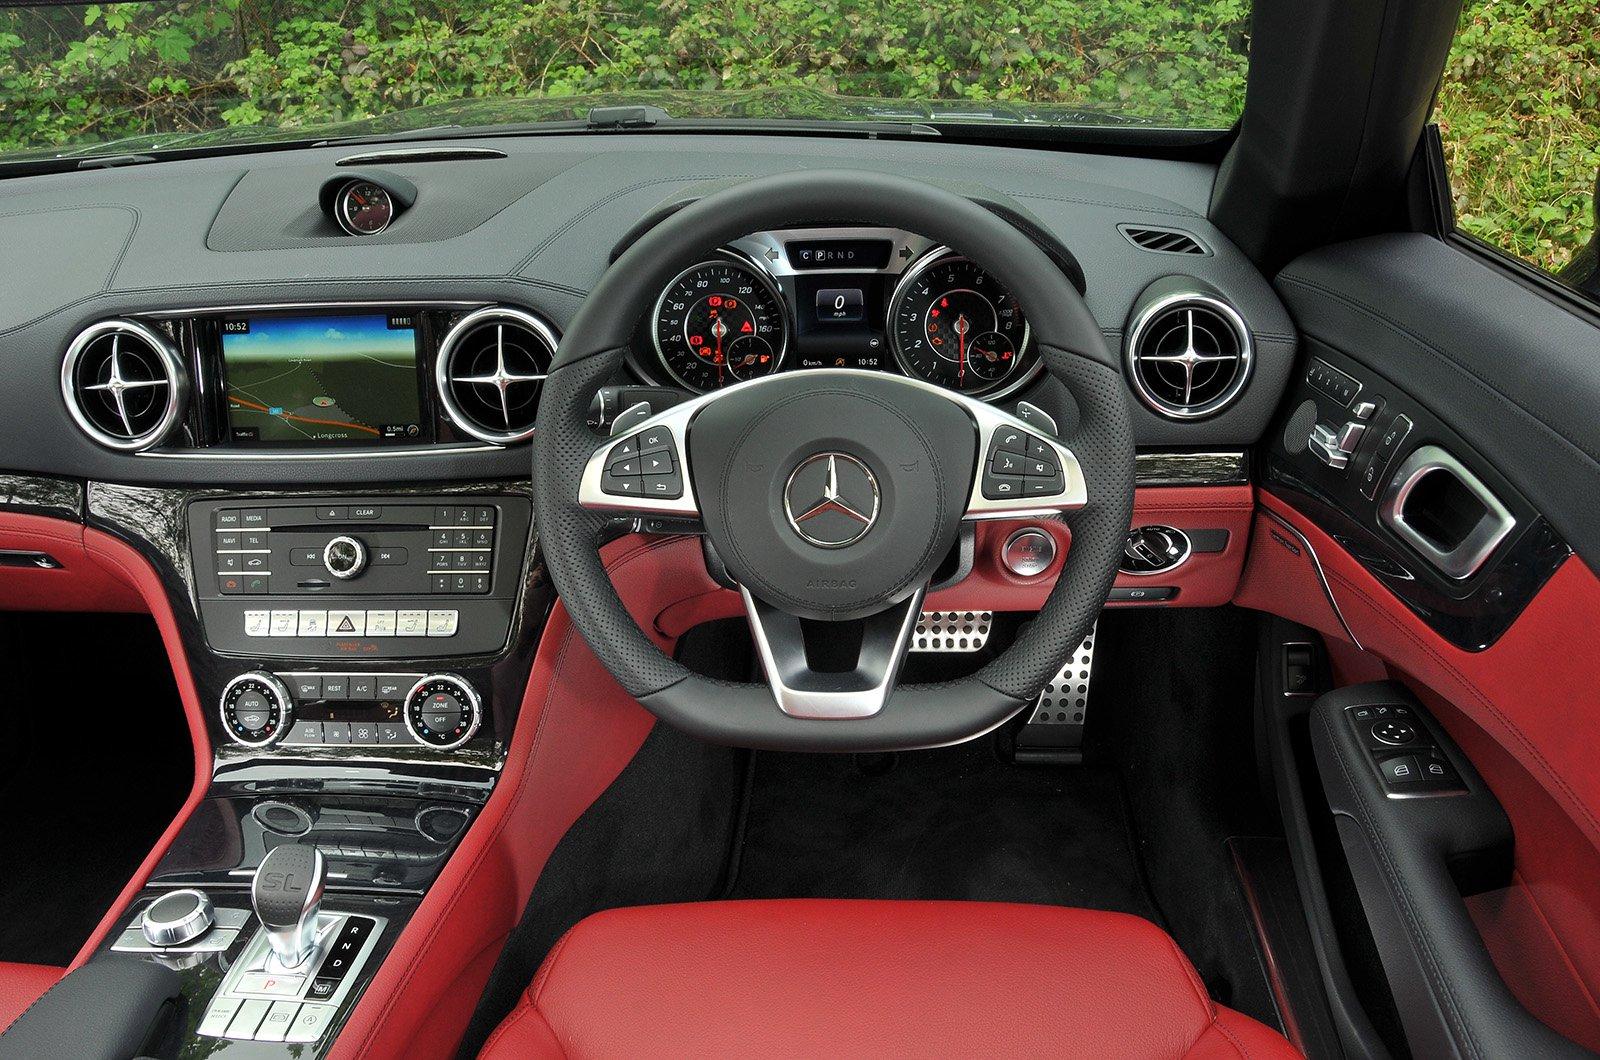 Mercedes-Benz SL 400 AMG Line Premium - interior